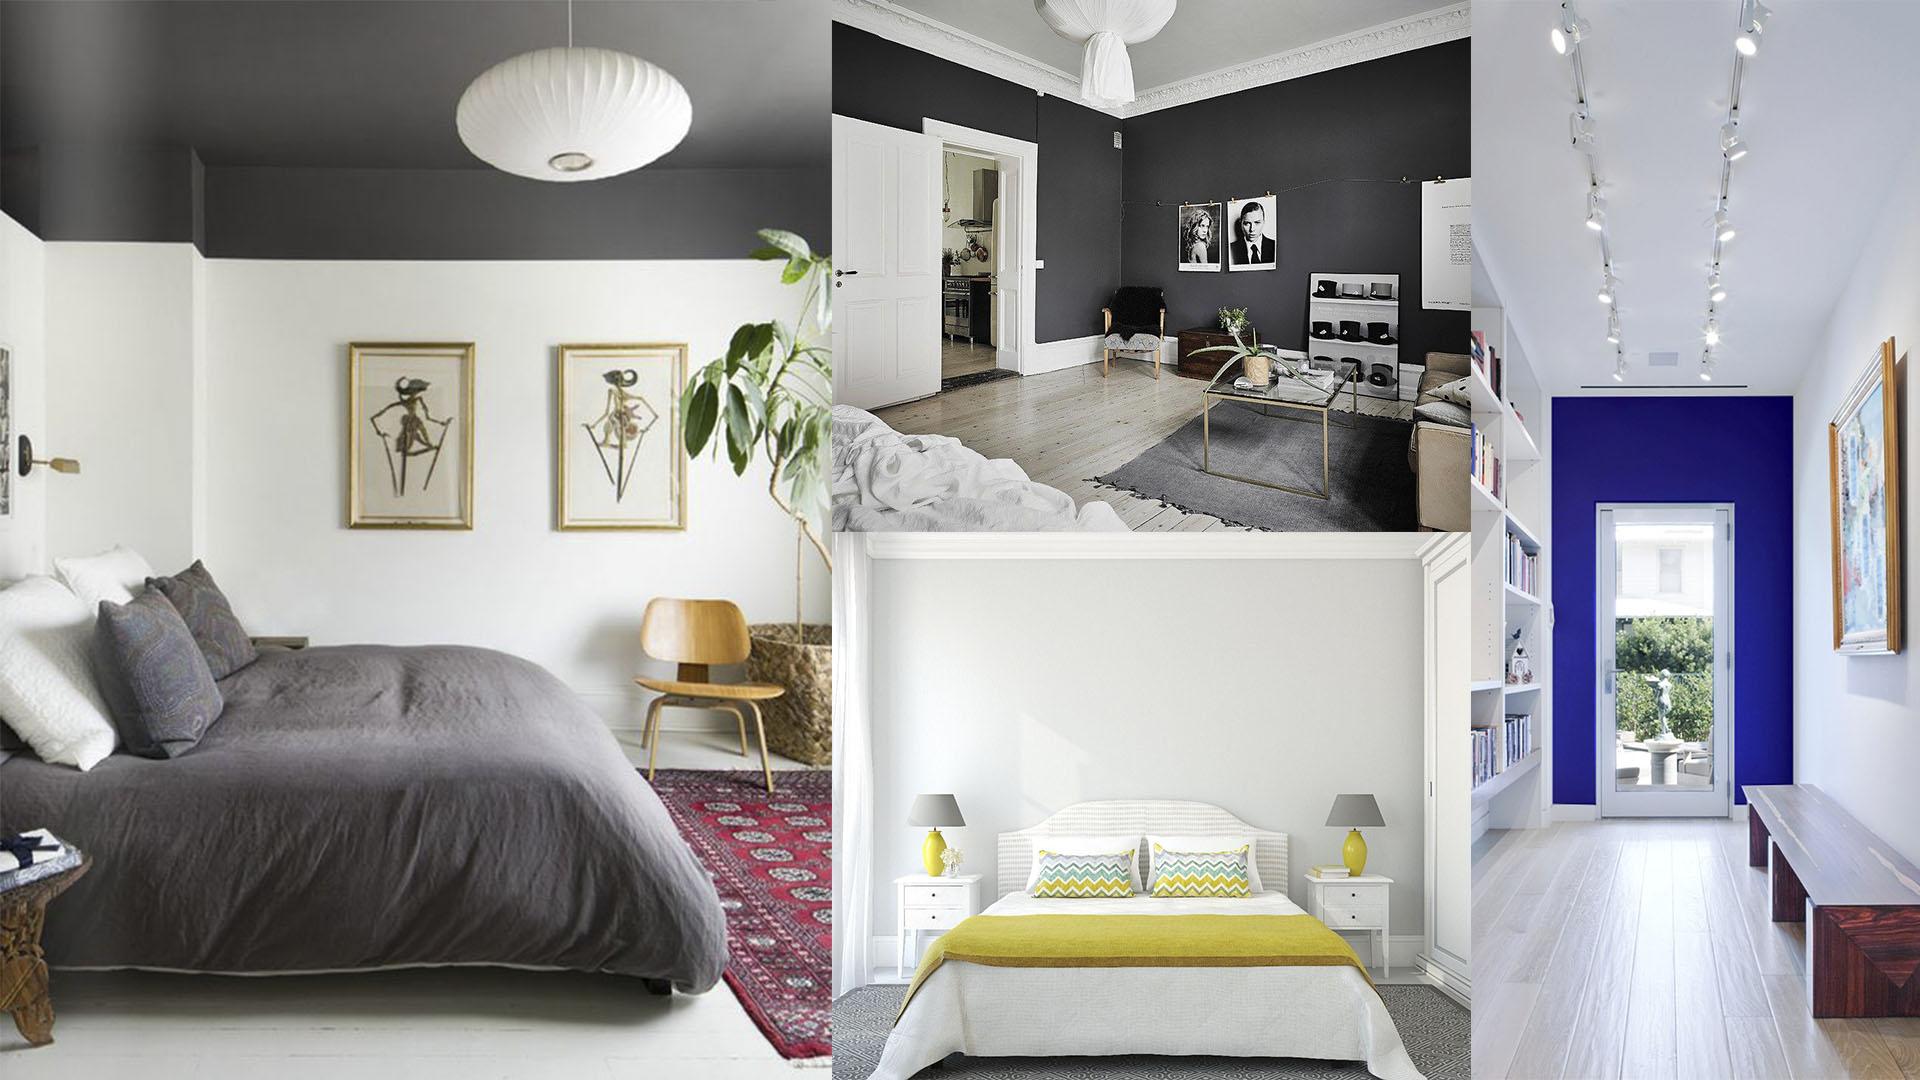 Ambiente com tecto pintado e paredes pintadas